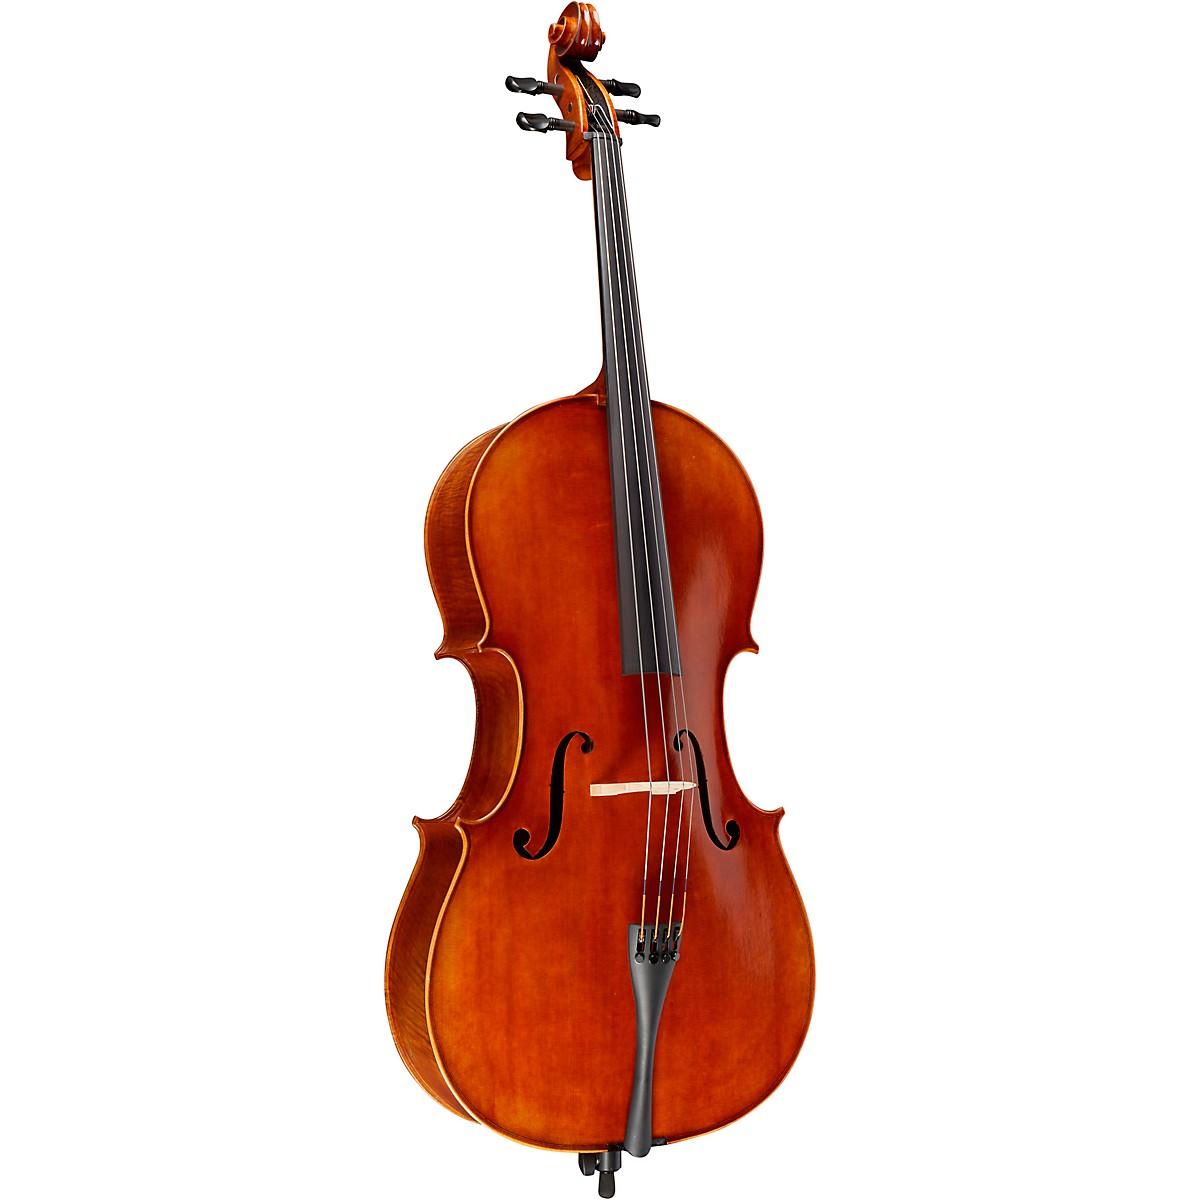 Ren Wei Shi Model 7000 Cello